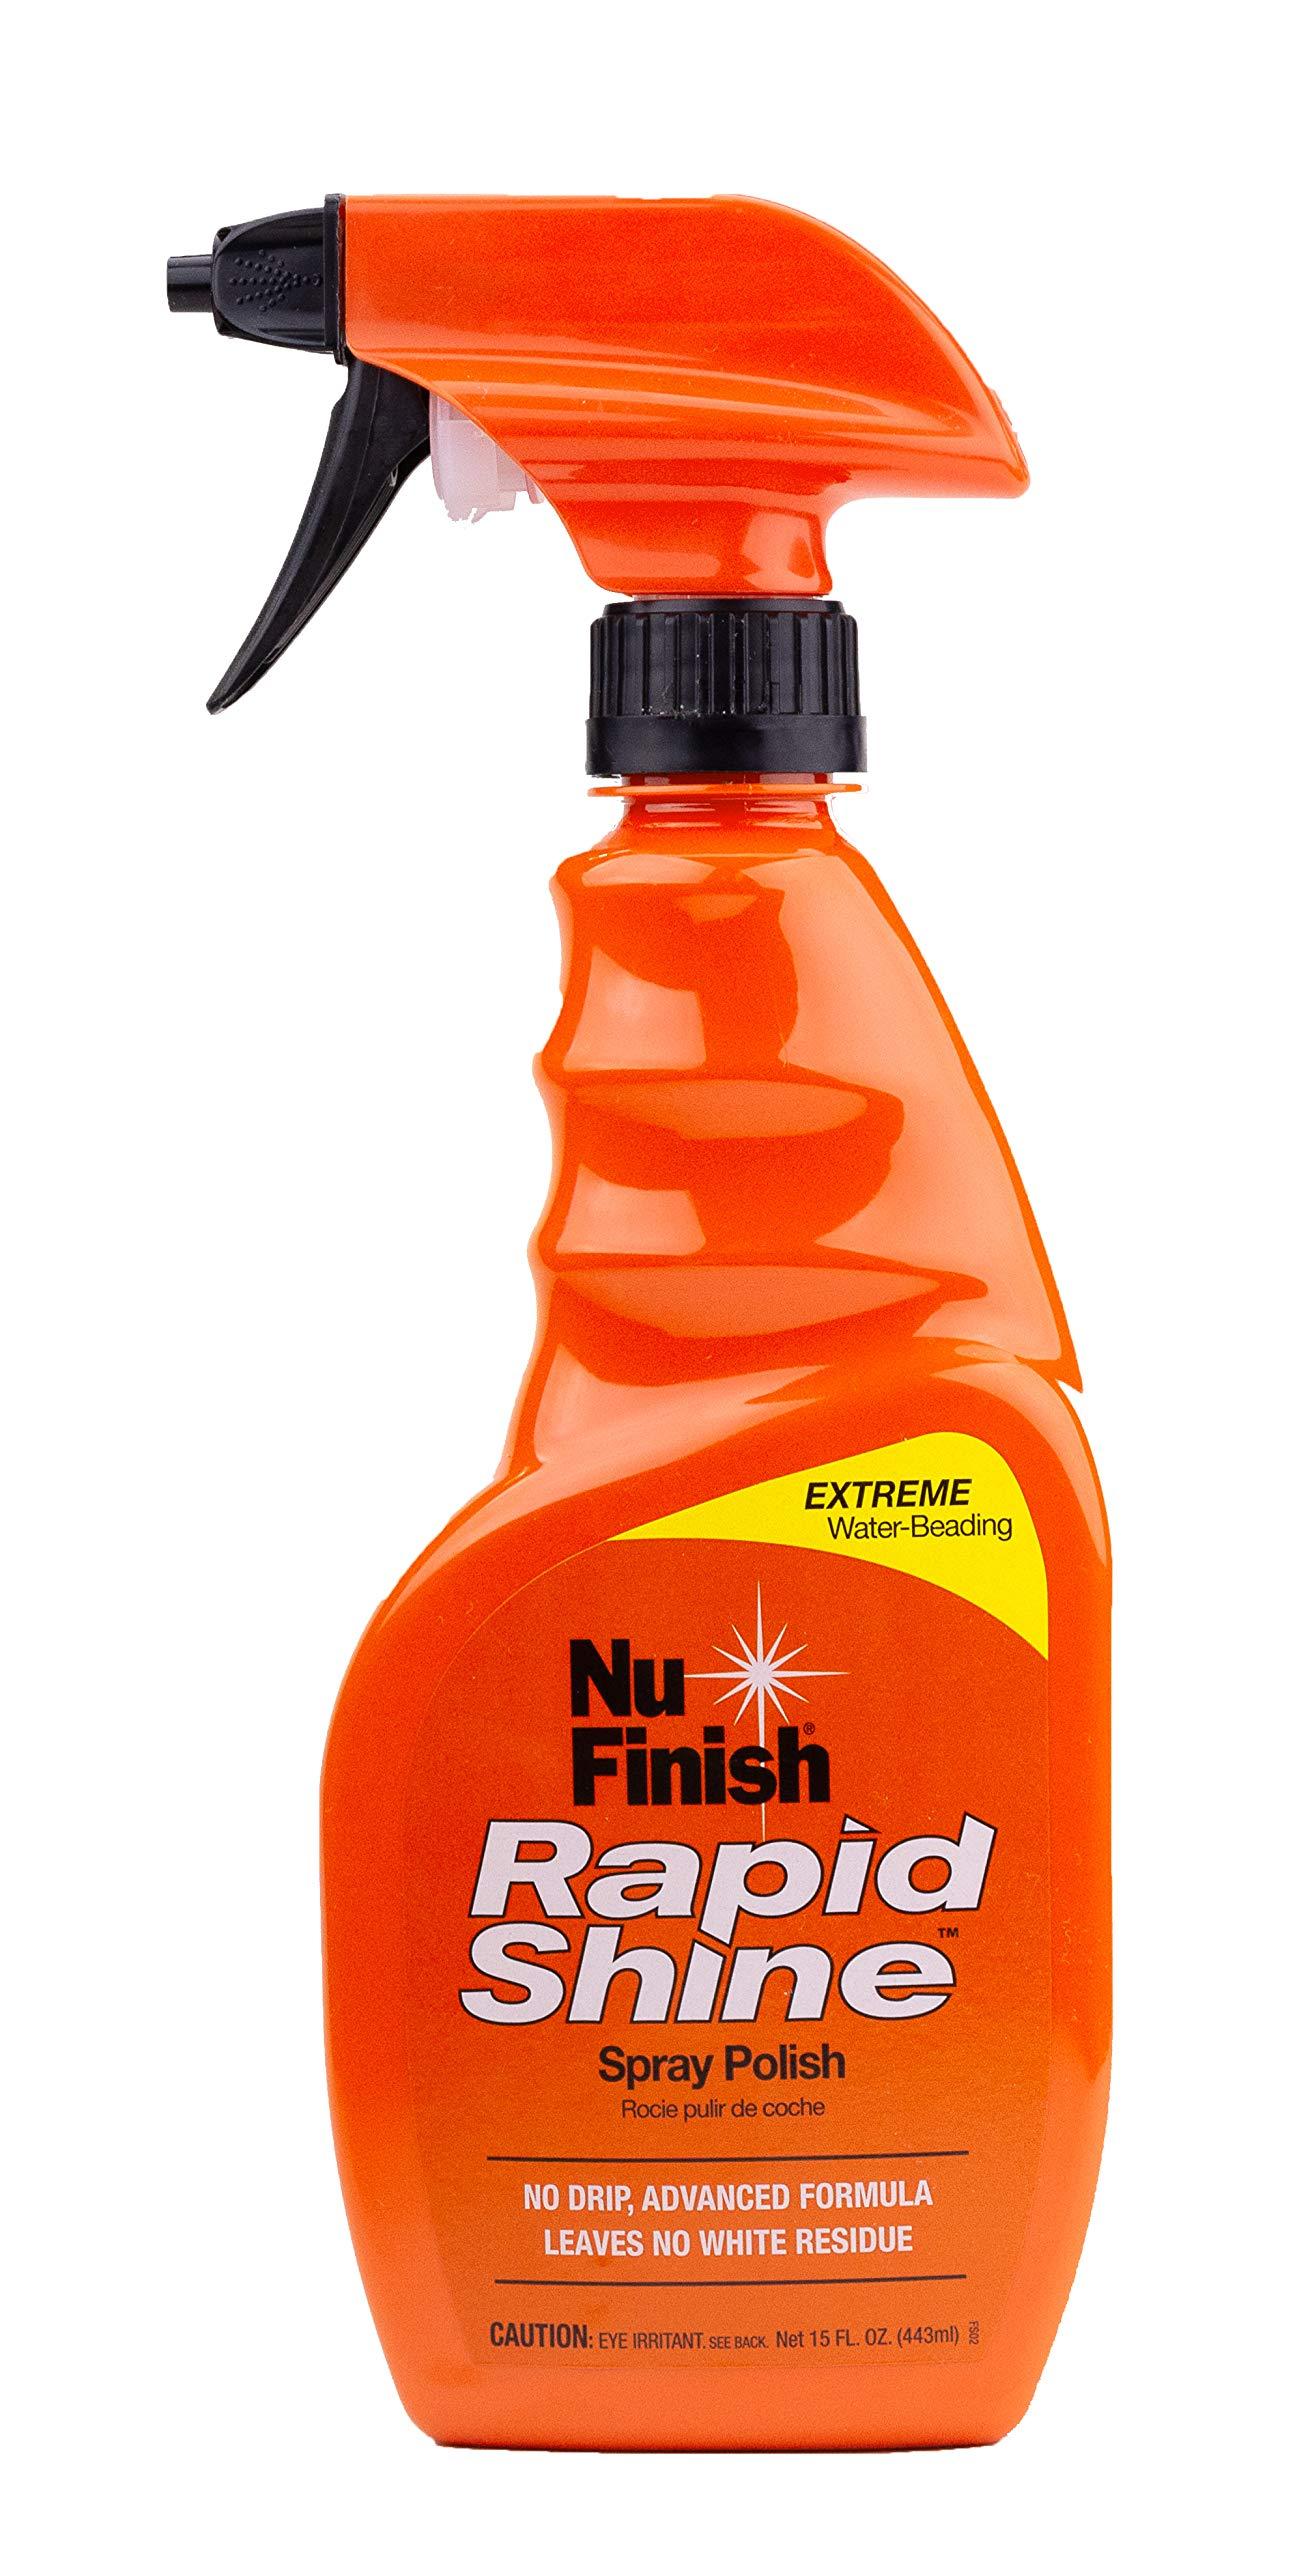 Nu Finish - E301656100 Rapid Shine Spray Polish with Extreme Water Beading, 15 oz.